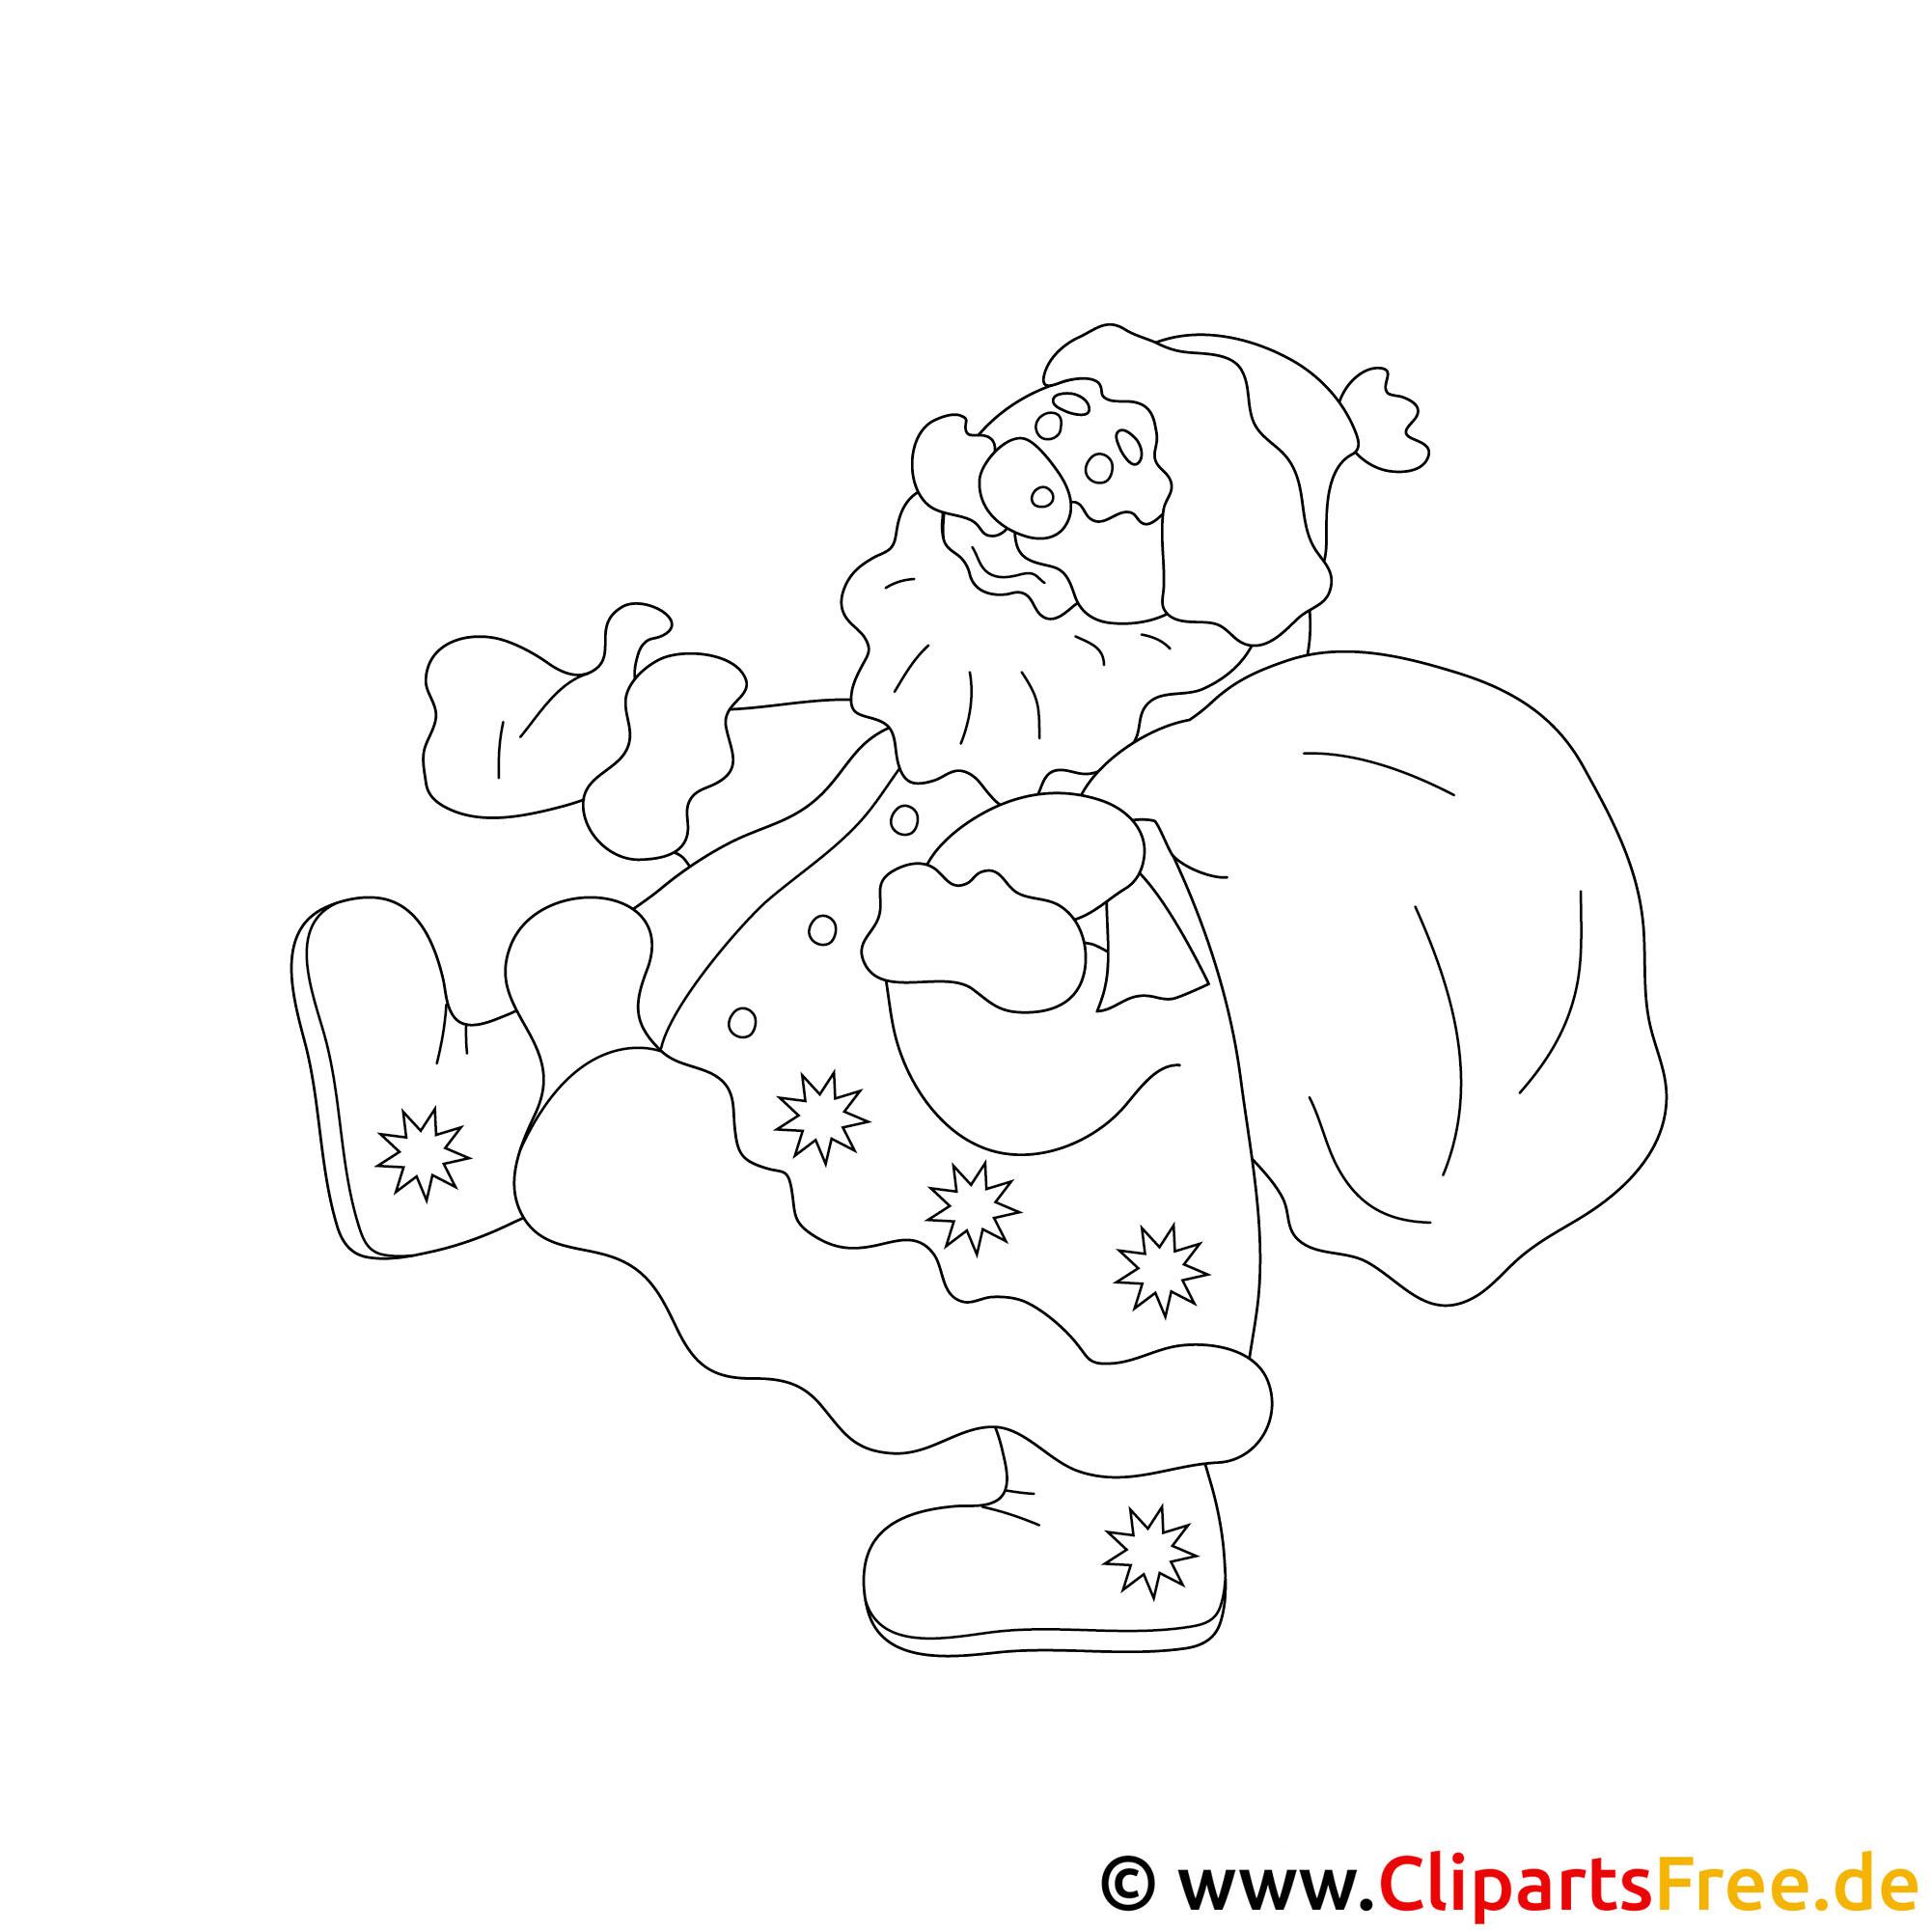 weihnachtsmann malvorlage zum ausmalen für kinder